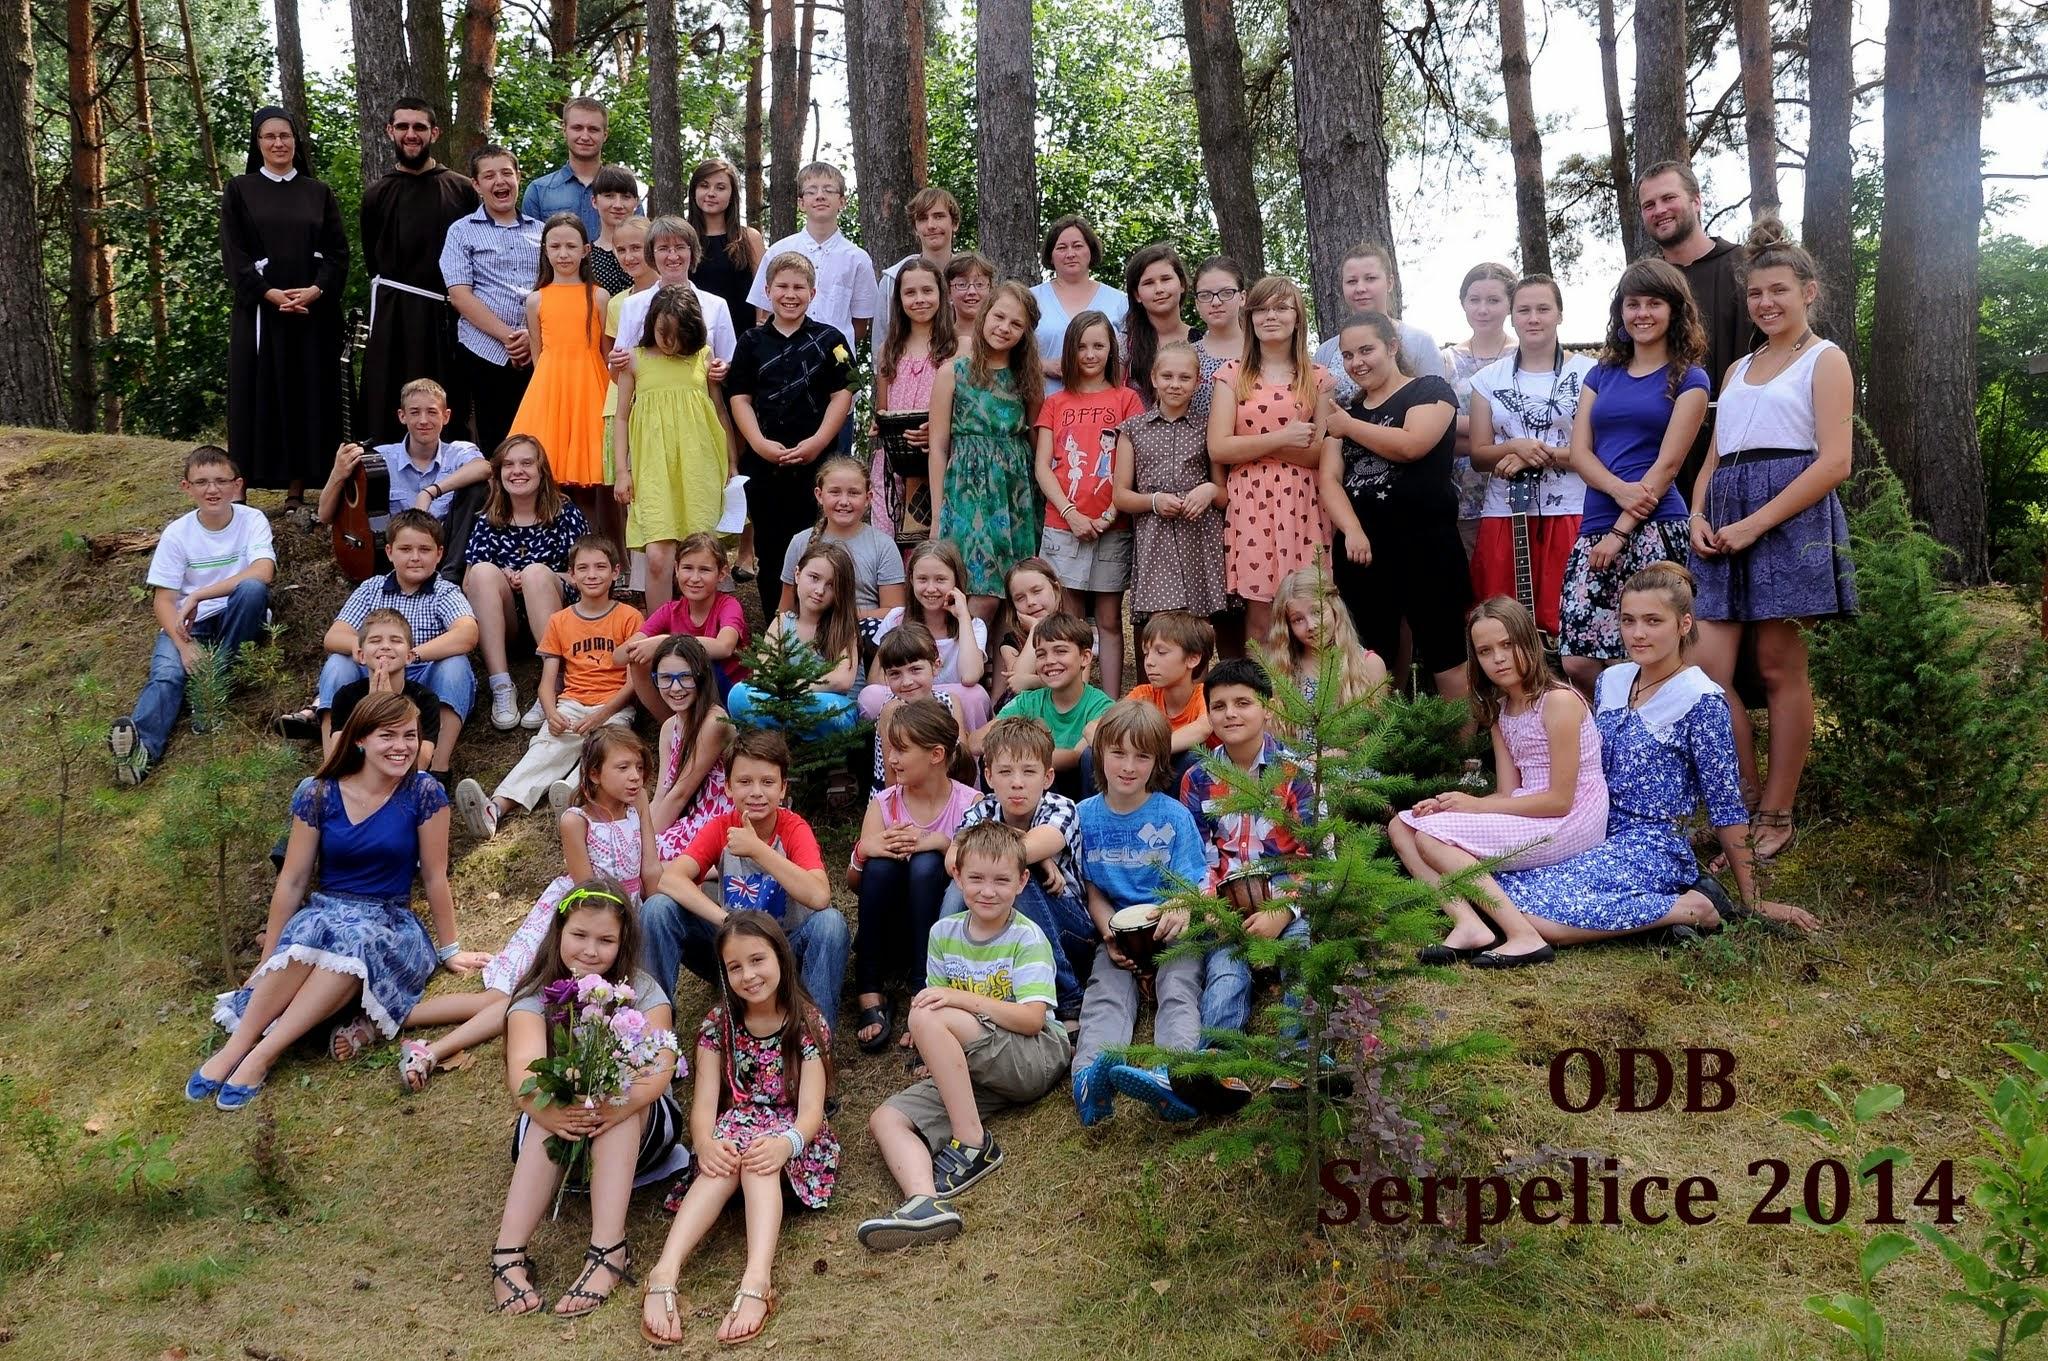 odb-2014-001